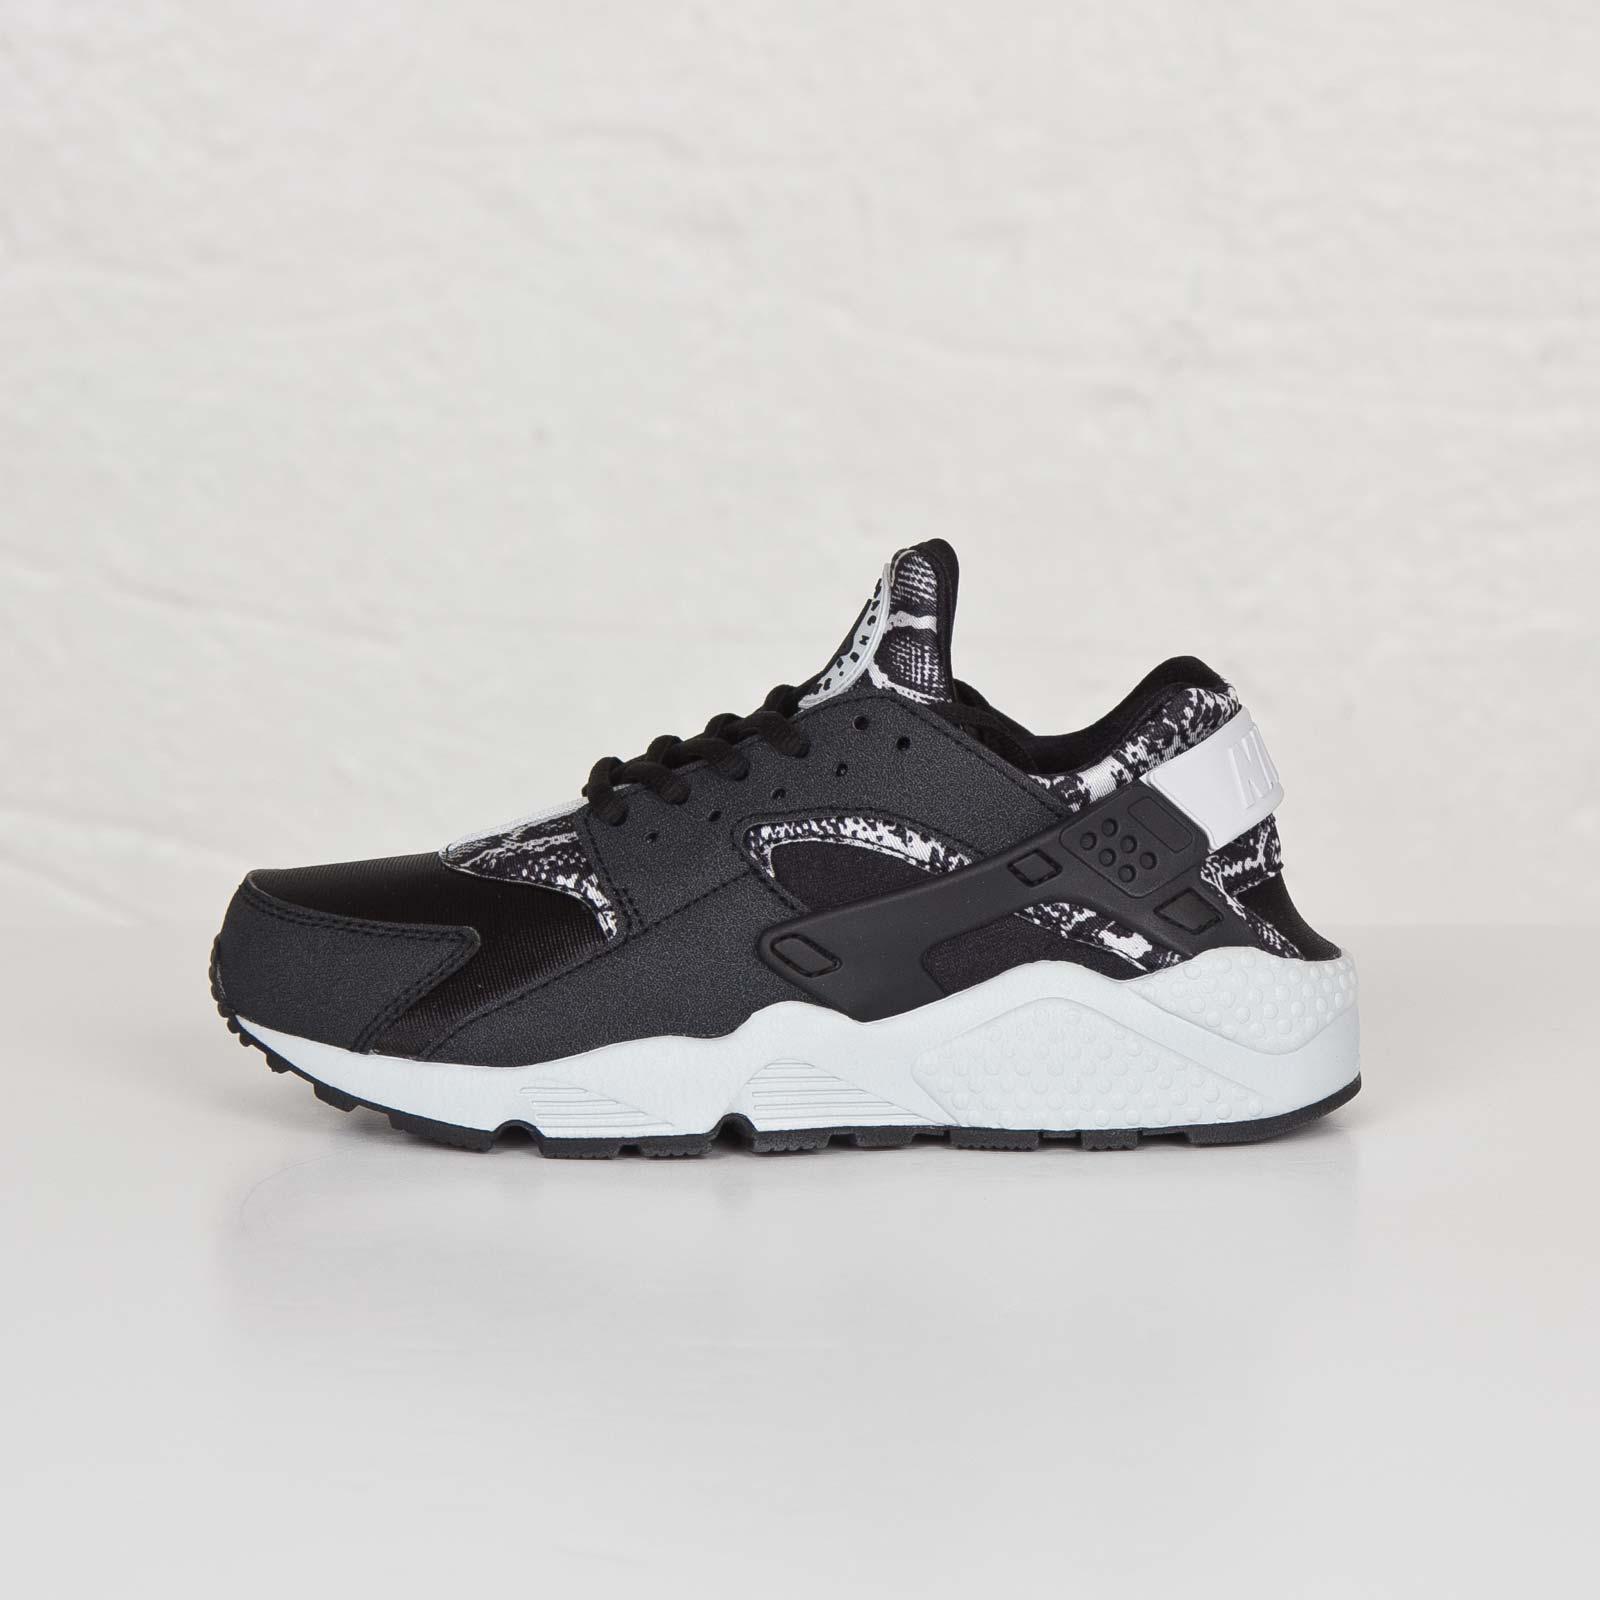 6ef2cbbe85007 Nike Wmns Air Huarache Run Print - 725076-002 - Sneakersnstuff ...